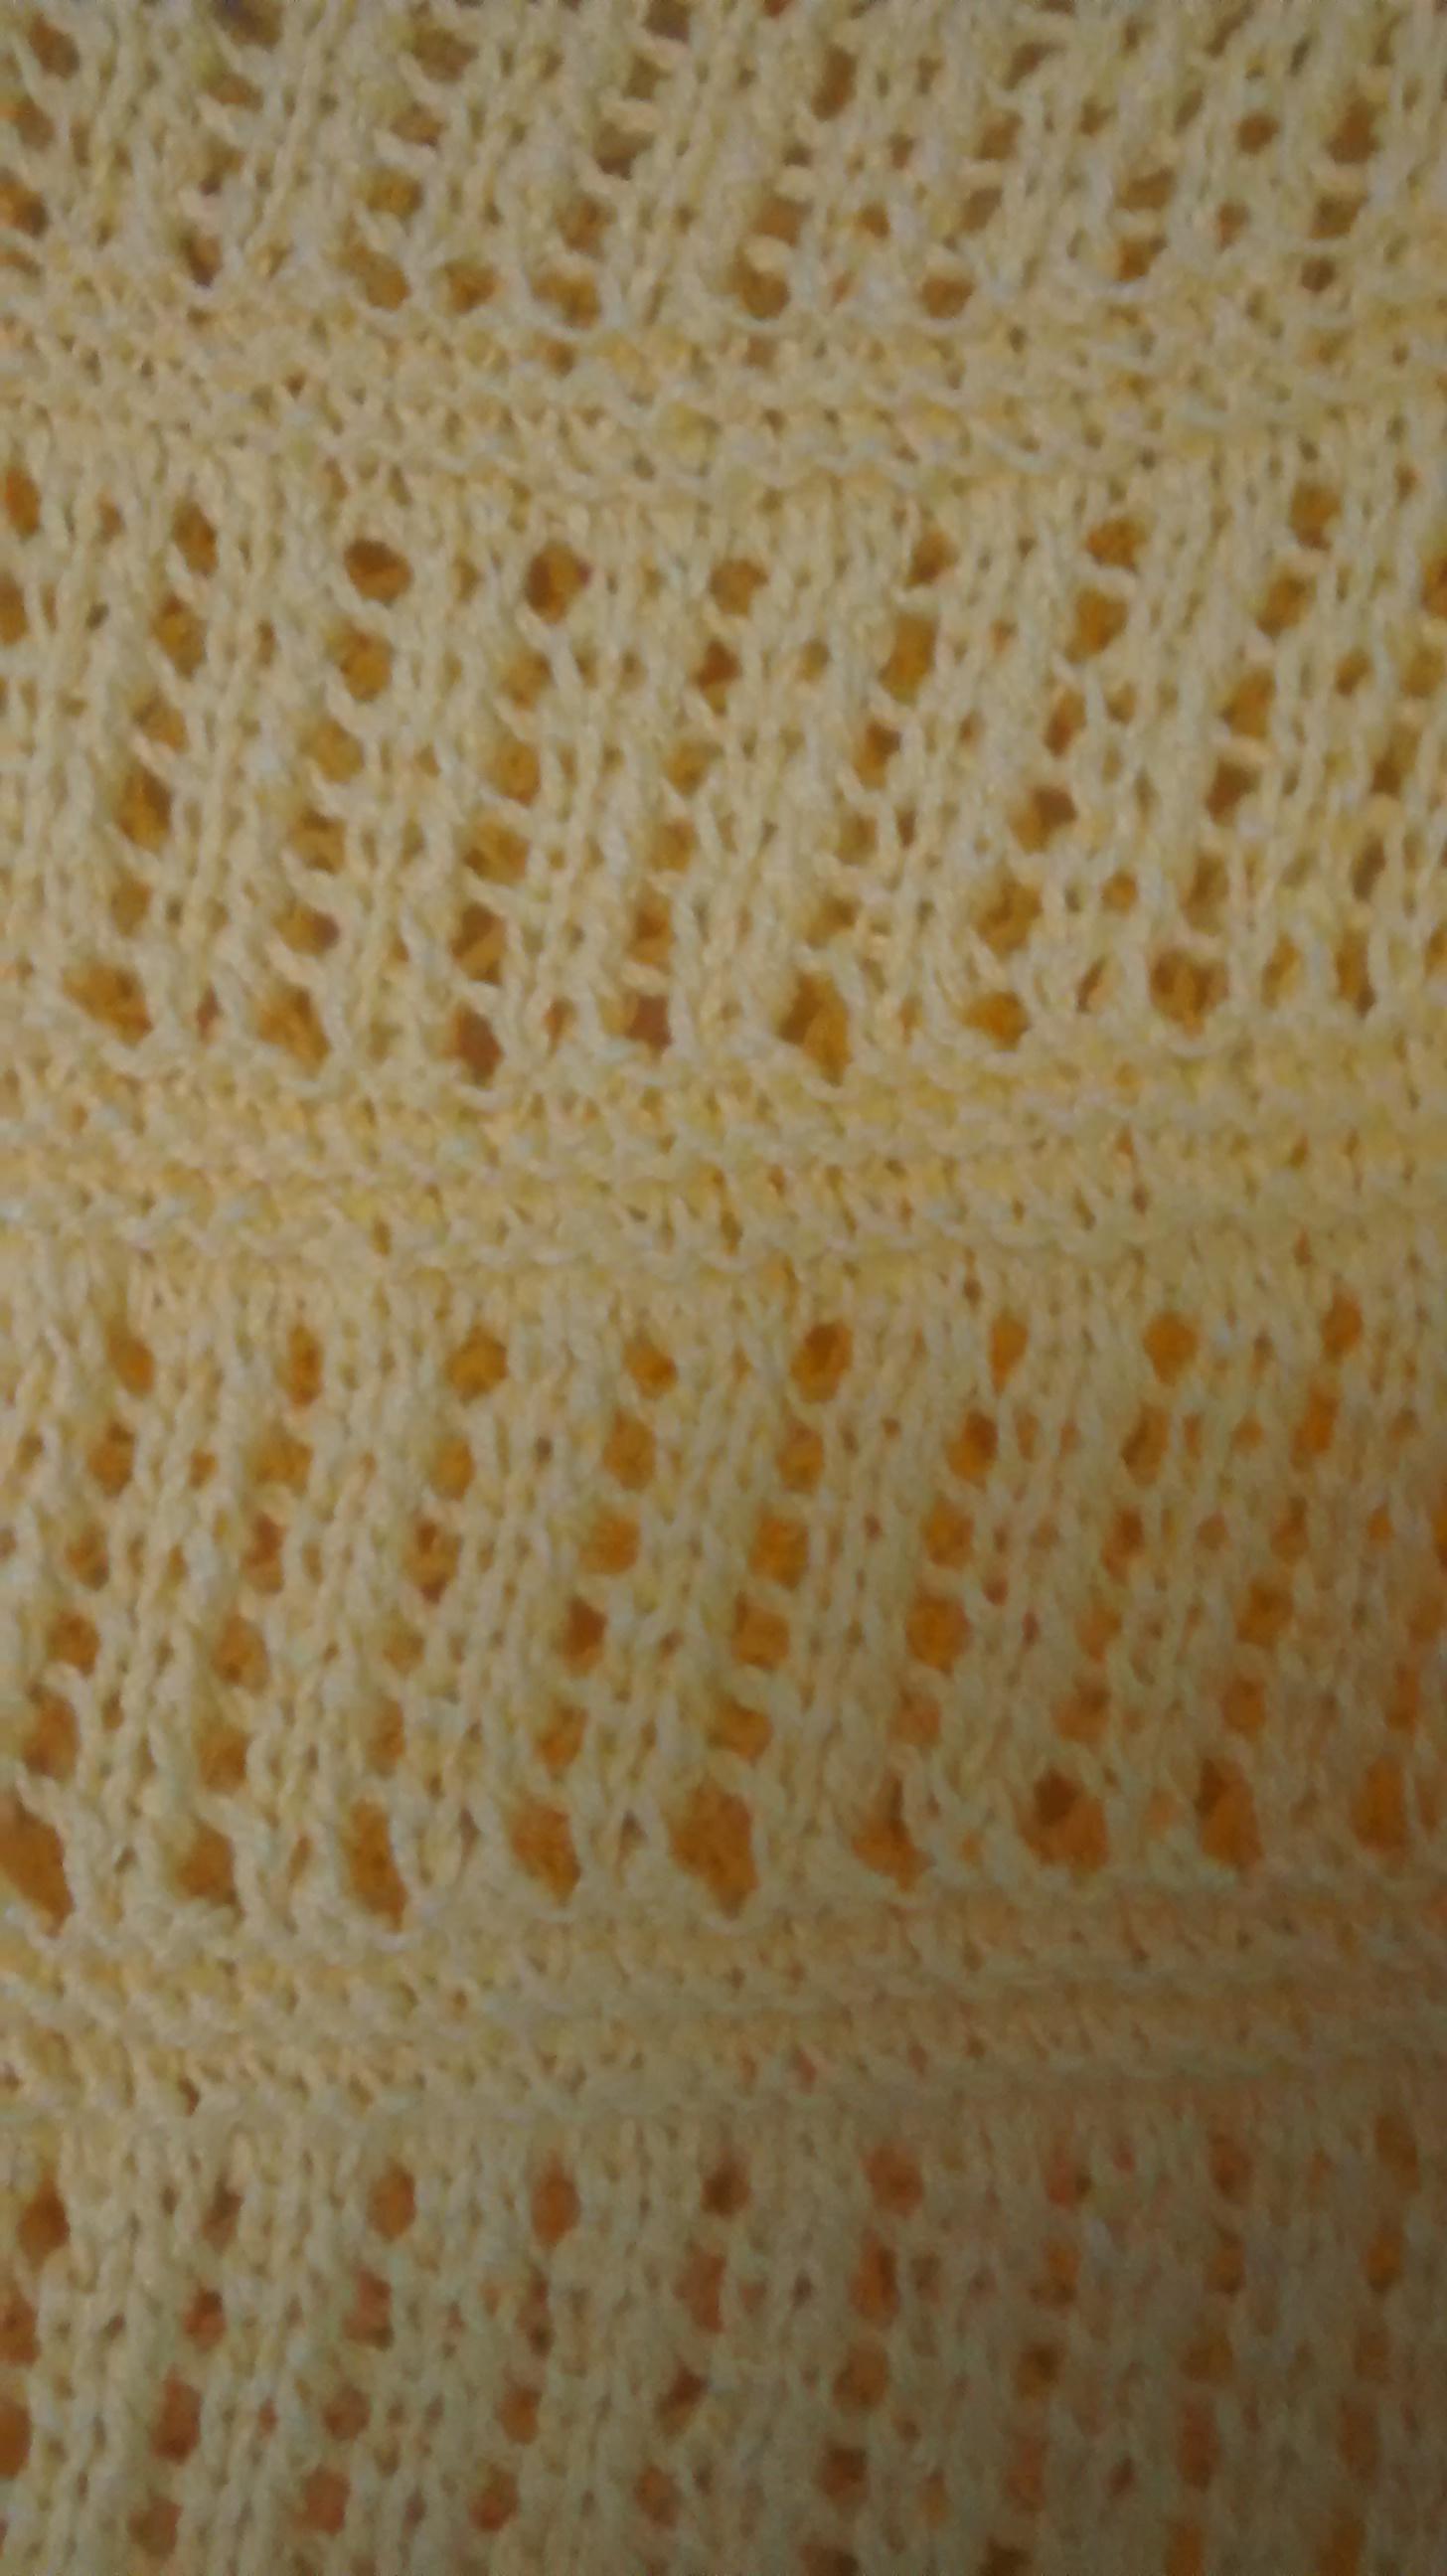 cfa2e28c9b Blusa Amarela de linha em tricô à mão no Elo7